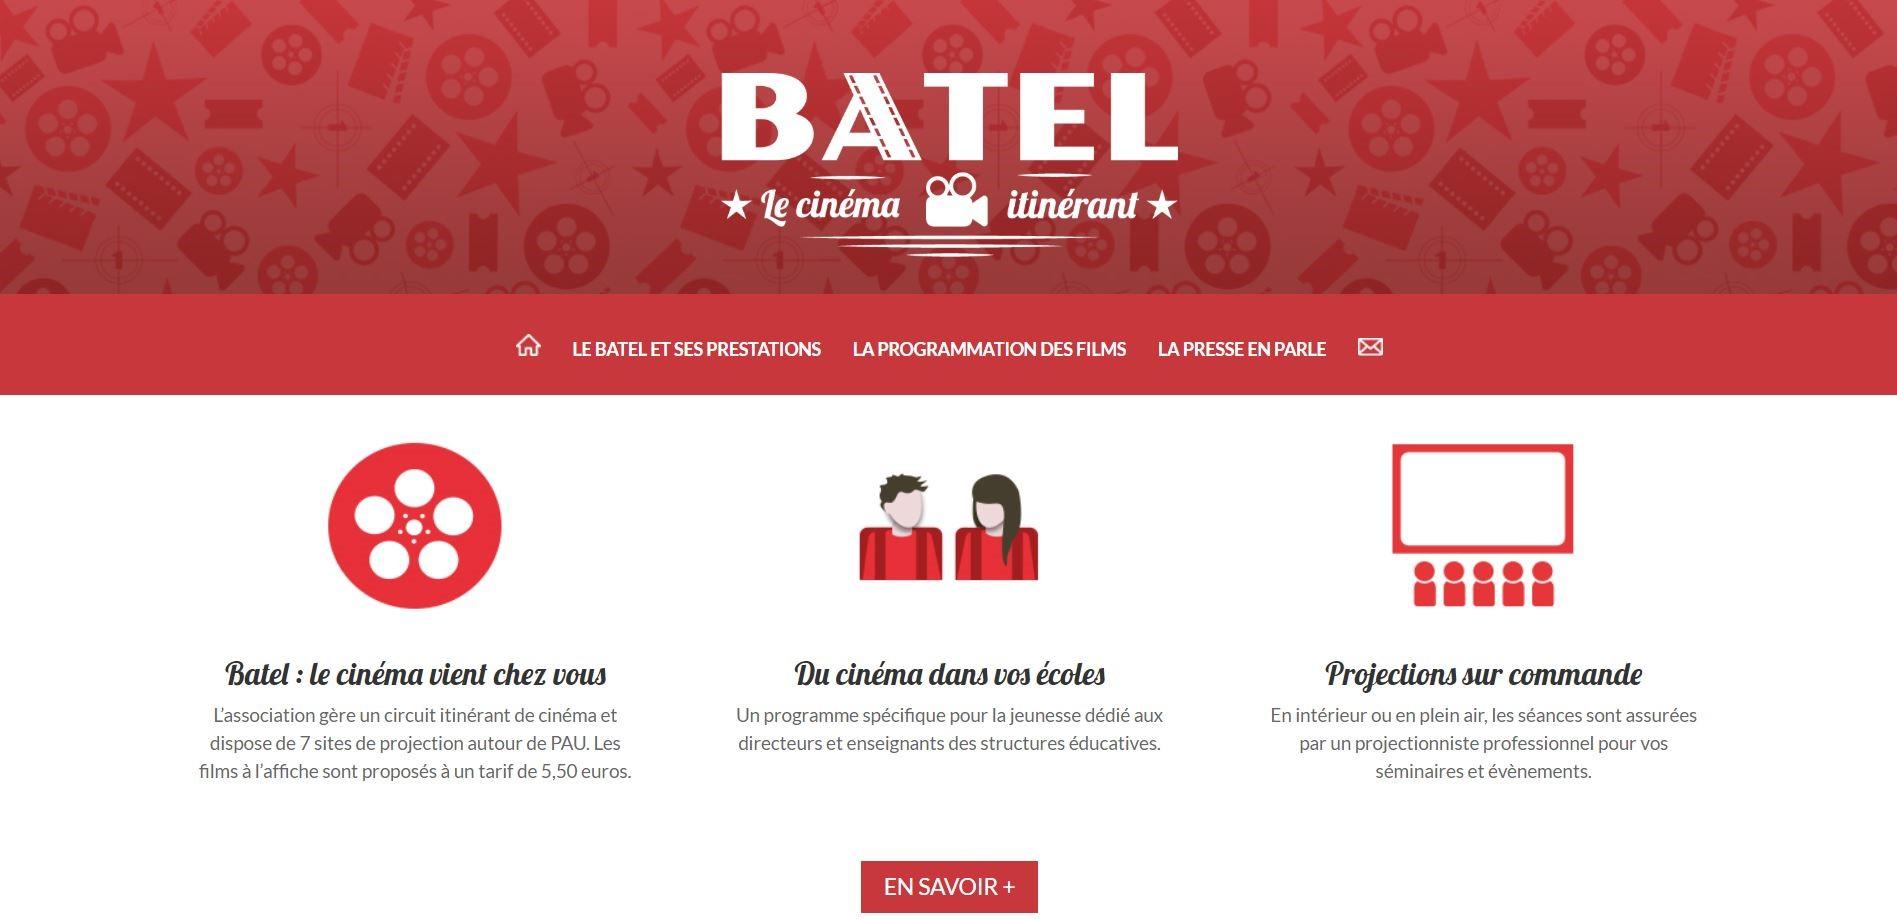 homepage web fond blanc en-tête rouge